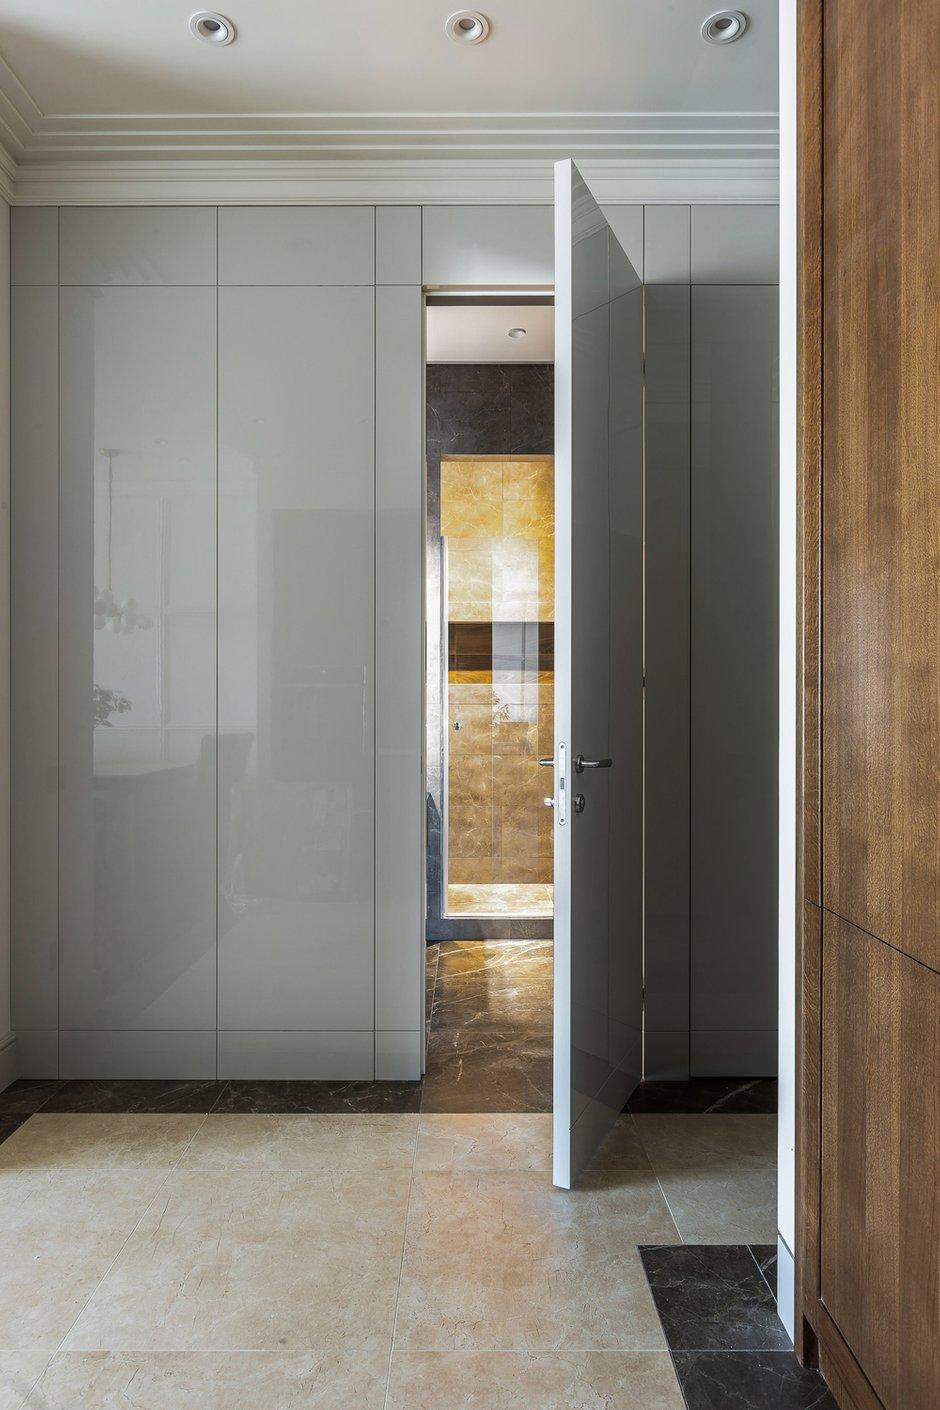 Фотография: Прихожая в стиле Современный, Квартира, Проект недели, Москва, 2 комнаты, 40-60 метров, Алина Лютая – фото на INMYROOM